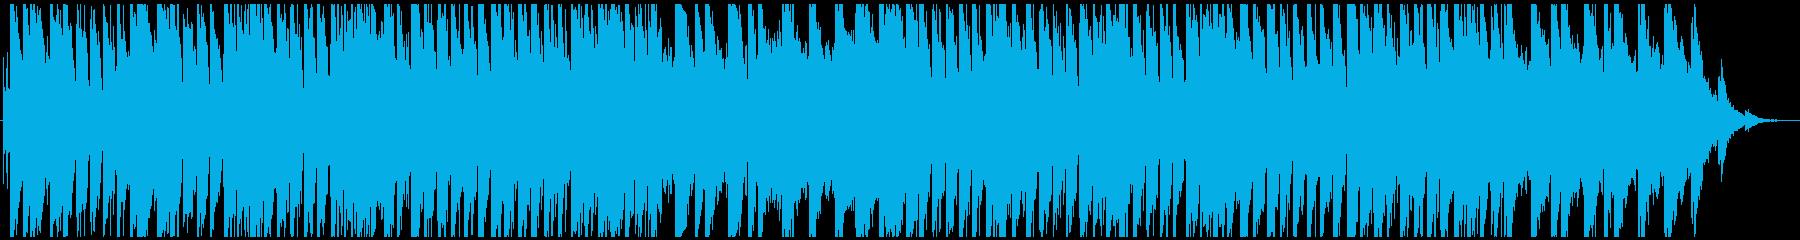 しっとり、ゆったり、琴が奏でる和風BGMの再生済みの波形